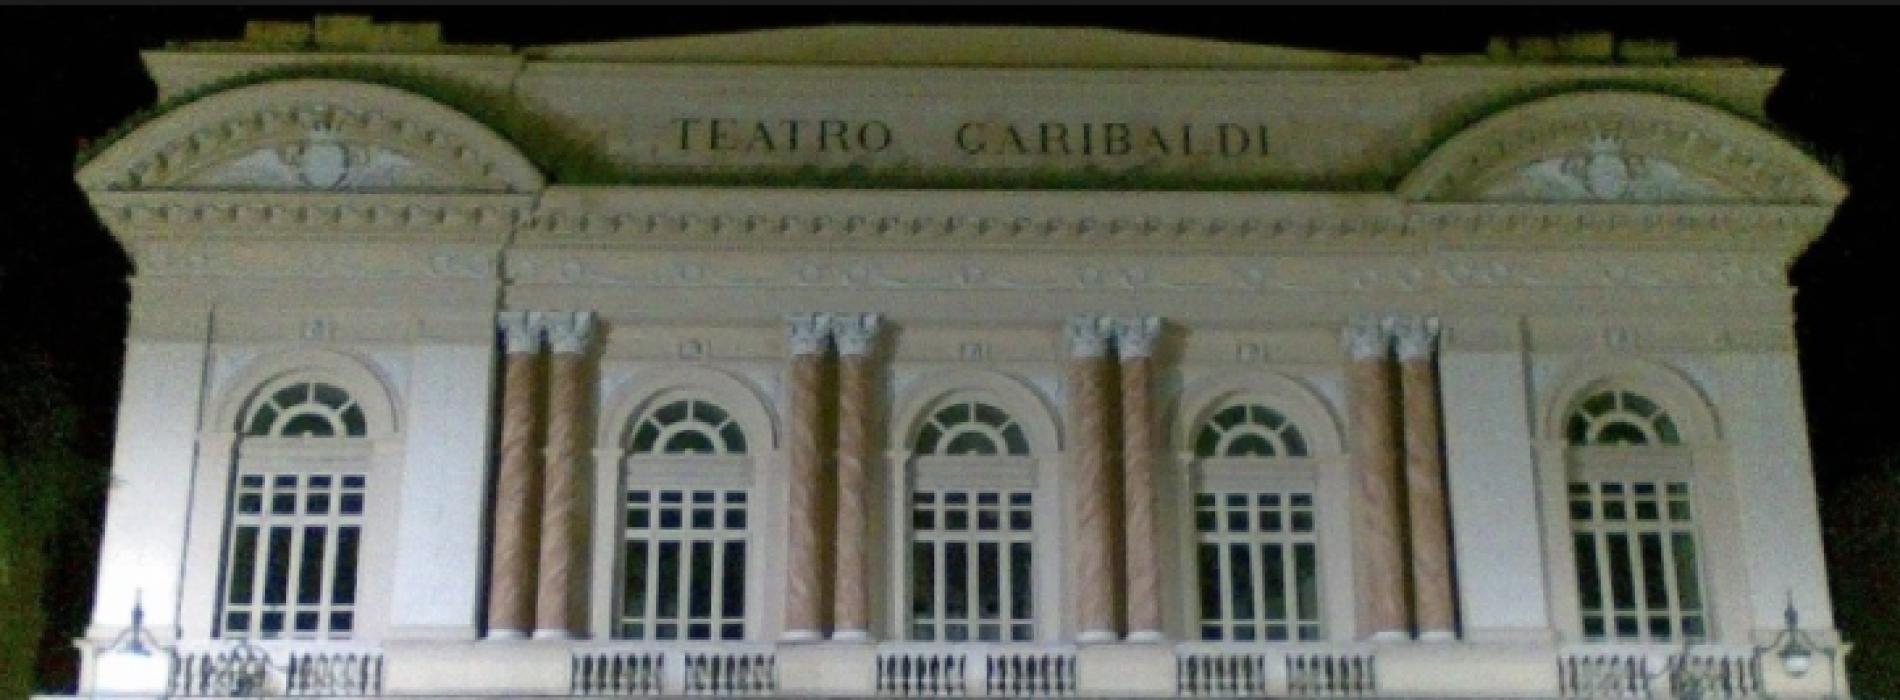 Teatro Garibaldi, fondi regionali per il salotto sammaritano